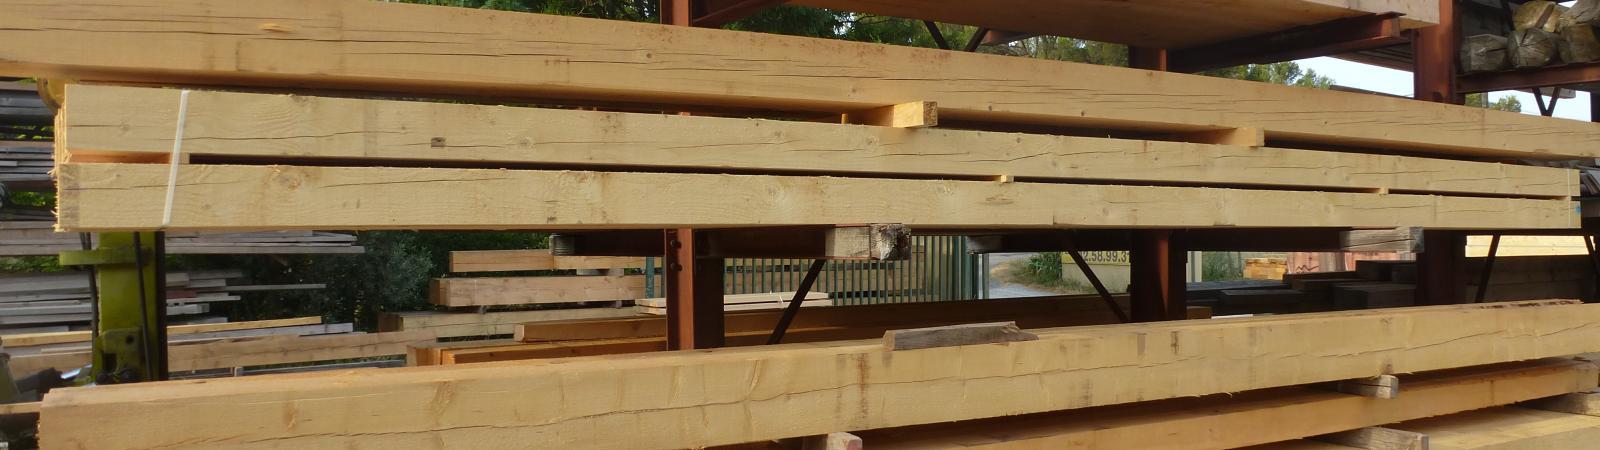 Bois de charpente / Construction